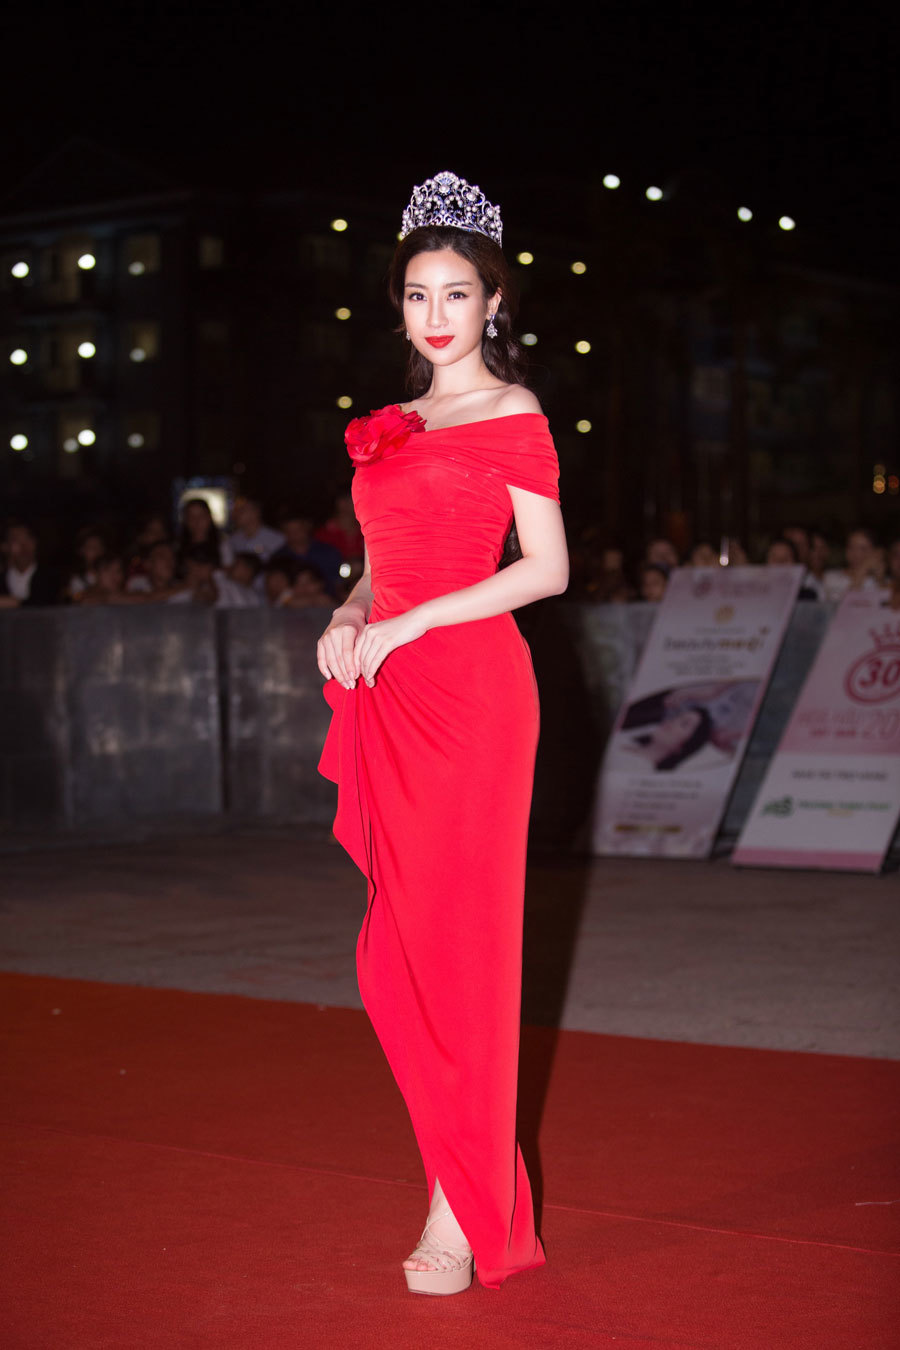 Ngắm nhan sắc của Hoa hậu Ngọc Khánh sau 20 năm đăng quang